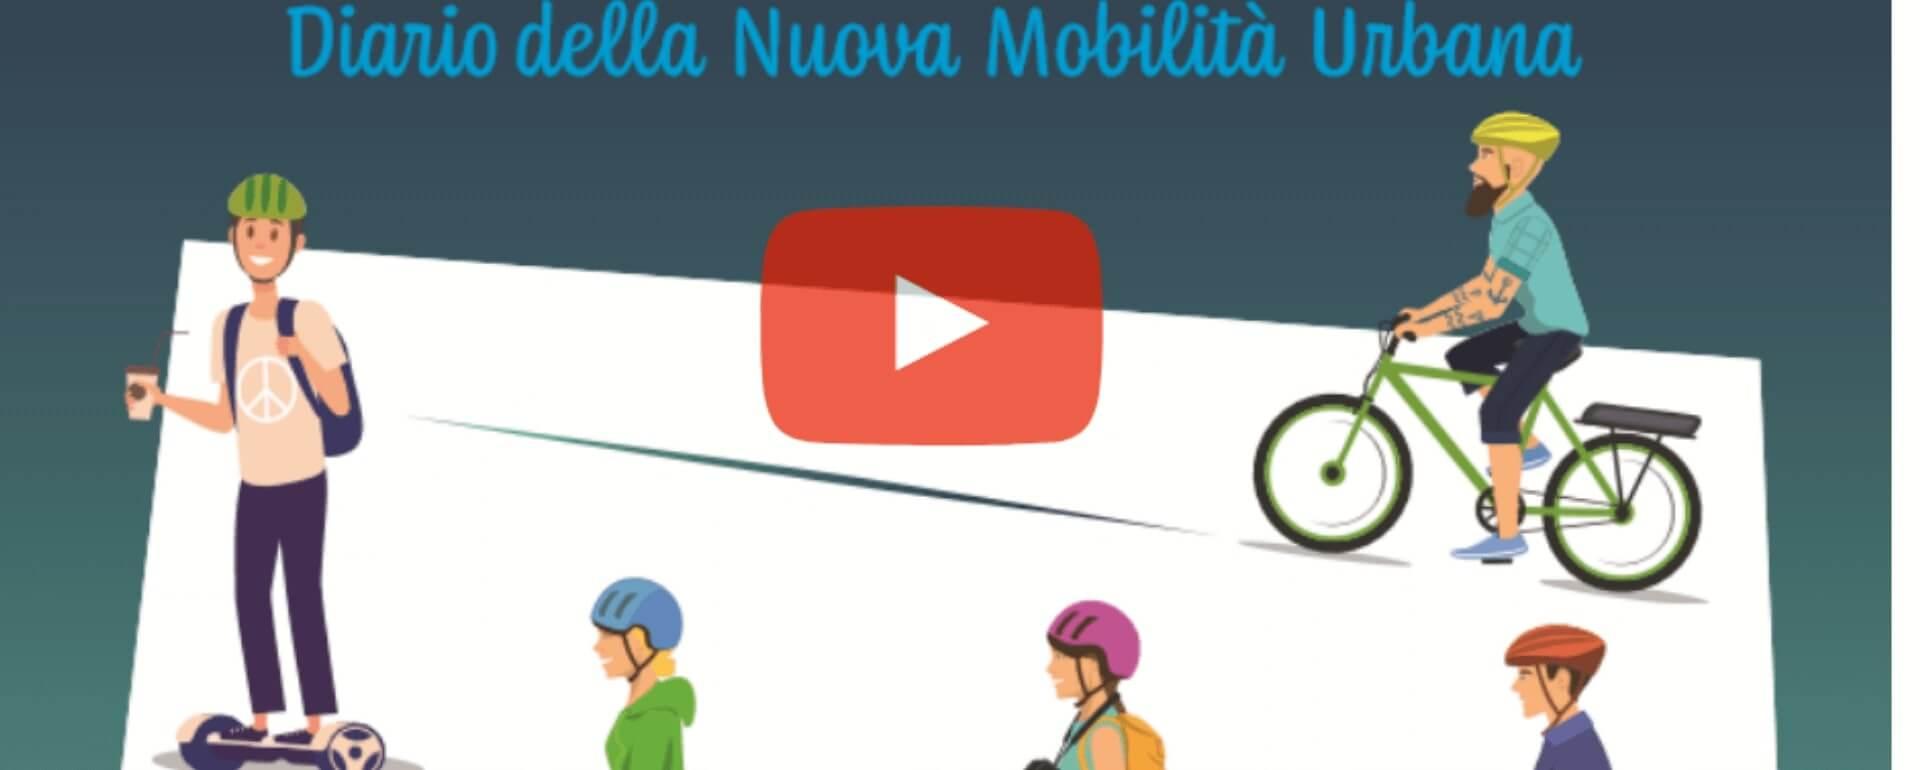 RITORNO AL FUTURO IN TV: DIARIO DELLA NUOVA MOBILITÀ URBANA